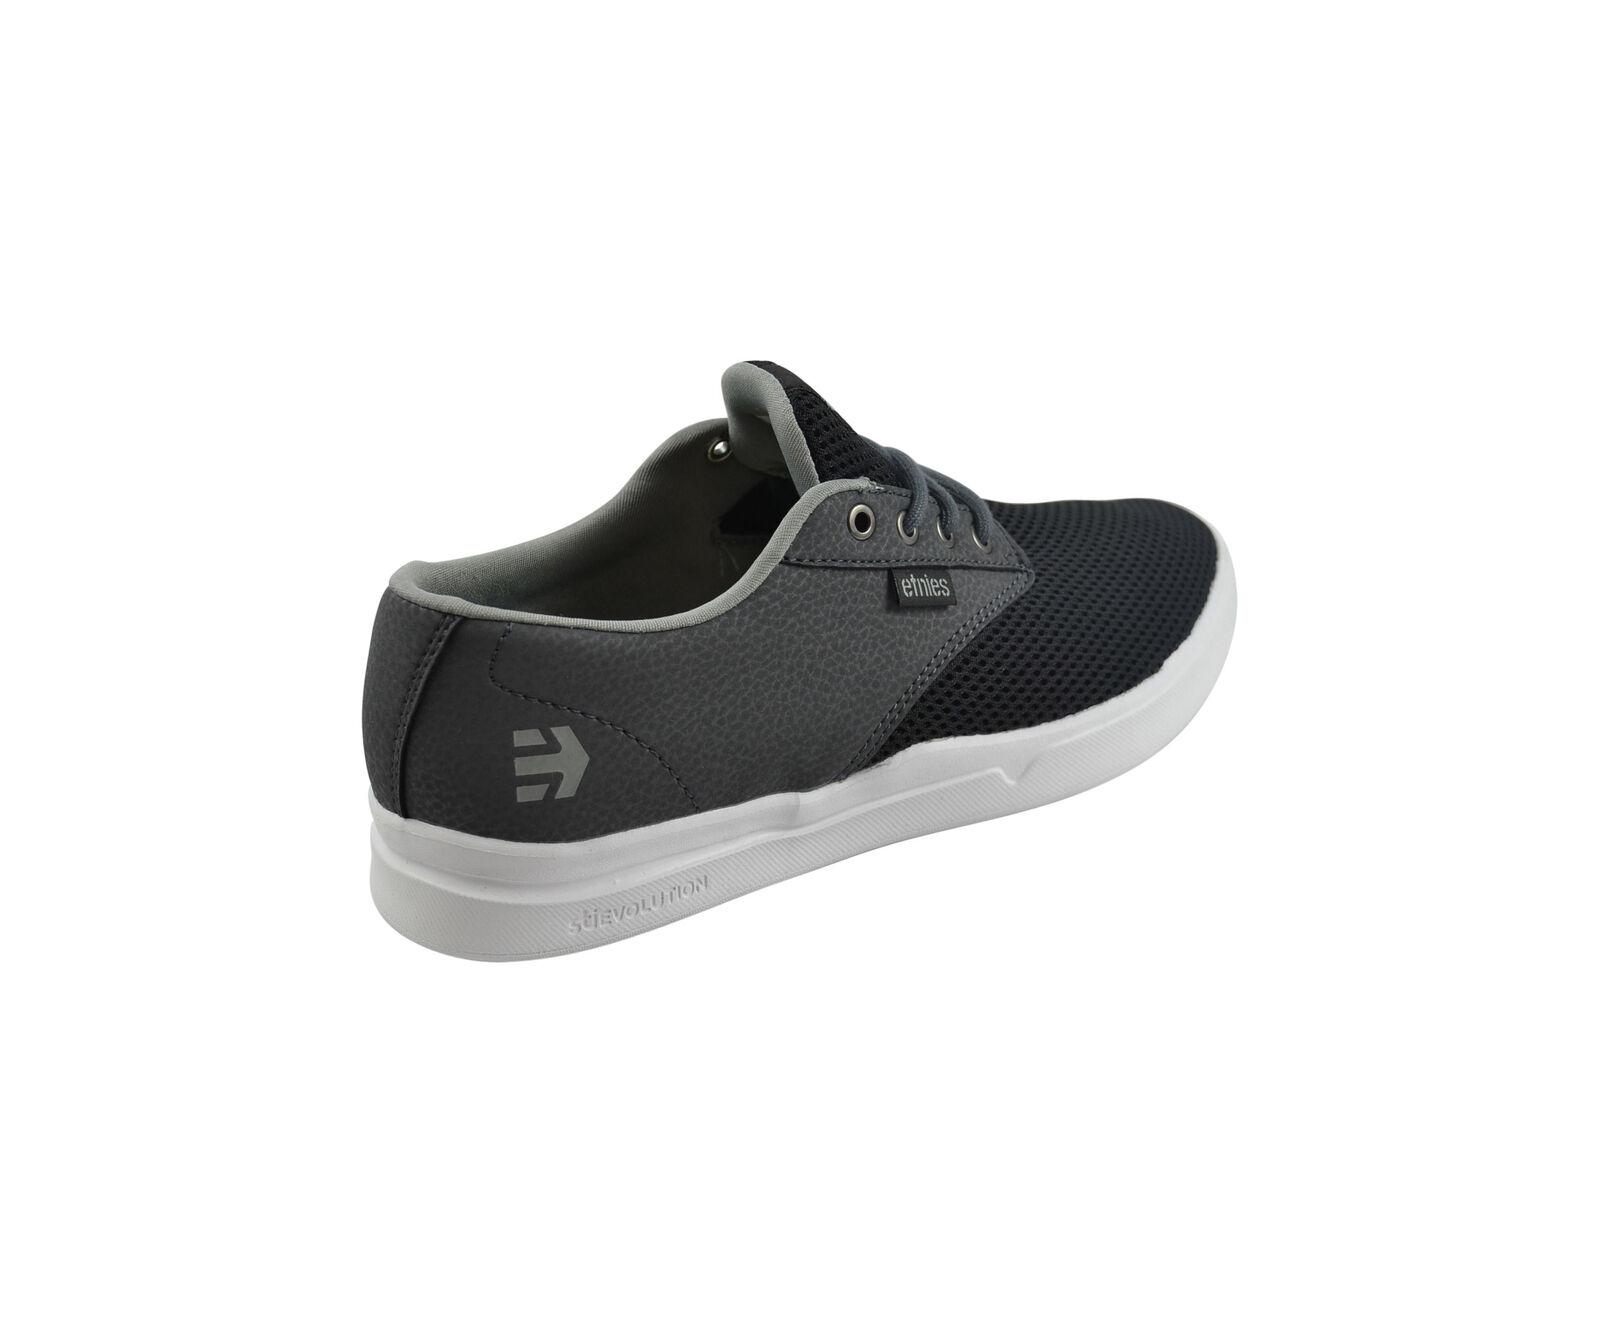 Etnies Sneaker Schuhe WEISS Jamseson SC schwarz Grau WEISS Schuhe Skater Sneaker ... b5303e